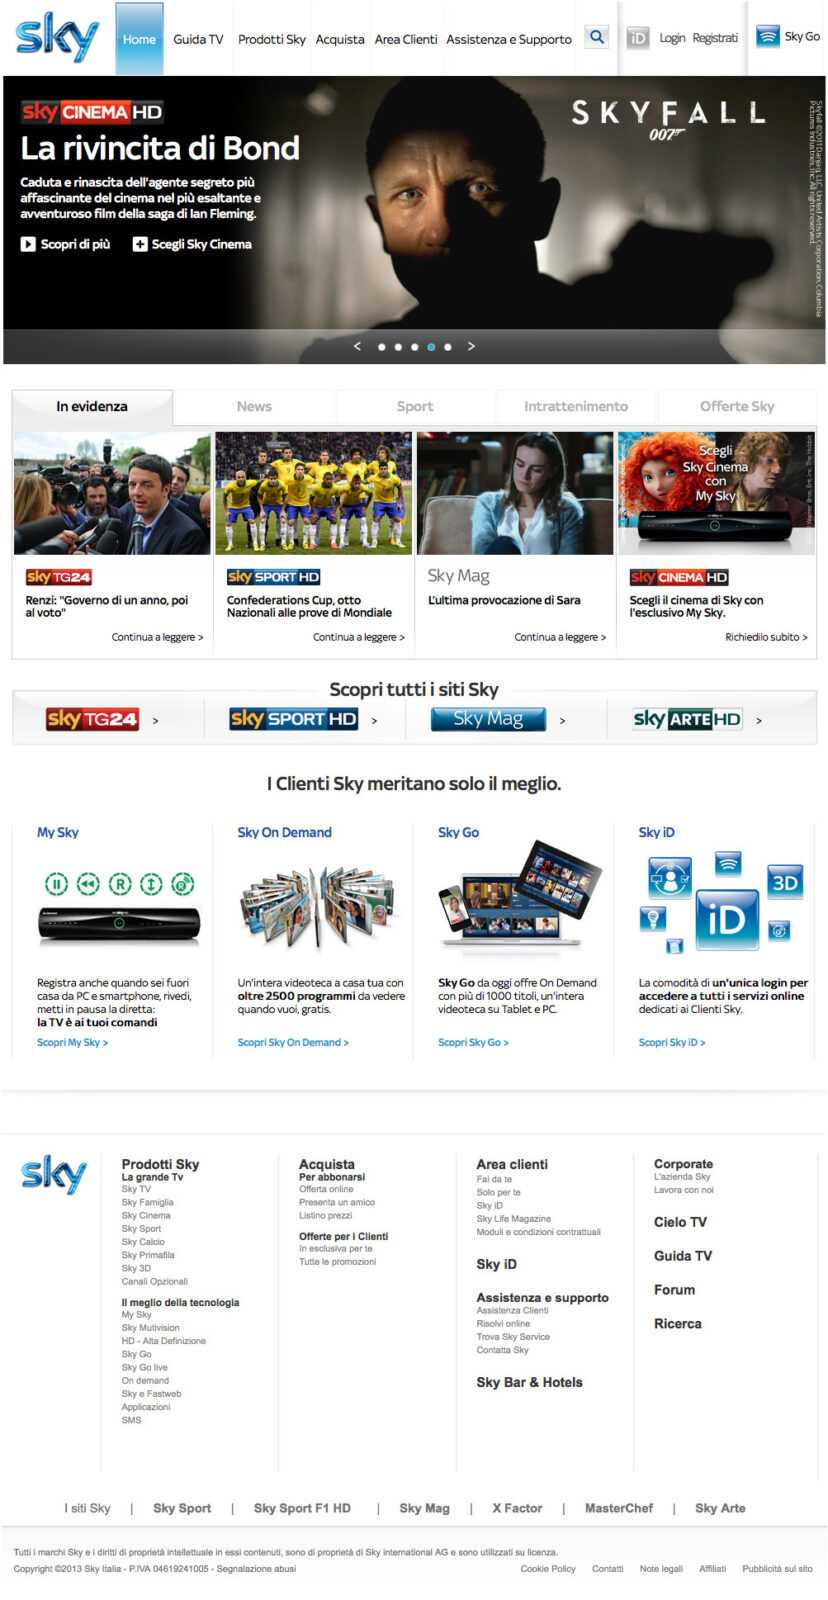 Sky rilancia la sua presenza sul web, on line i nuovi siti | Digitale terrestre: Dtti.it